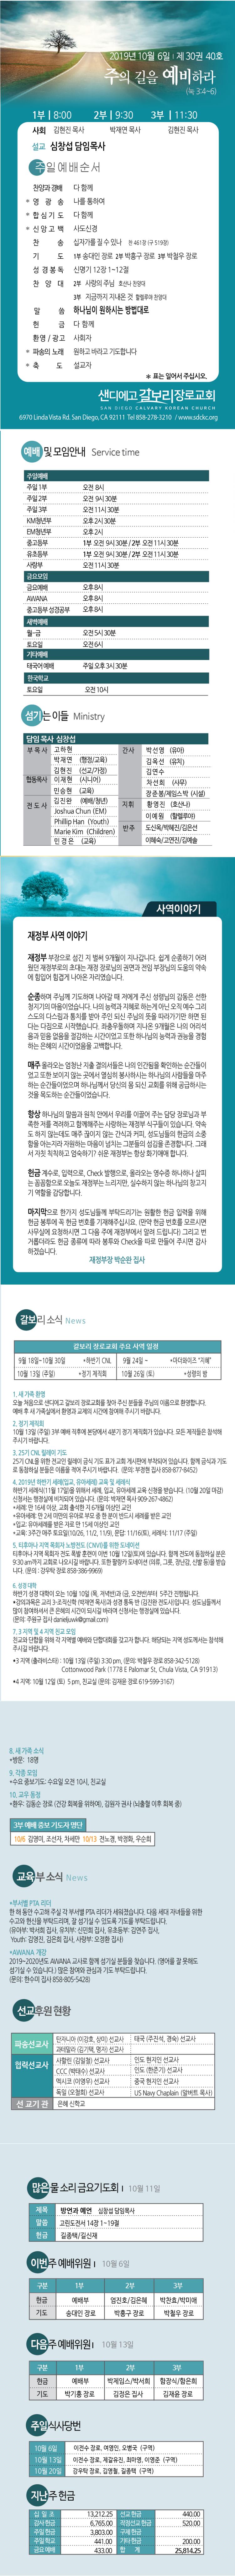 10월 첫째주 주보소식.png